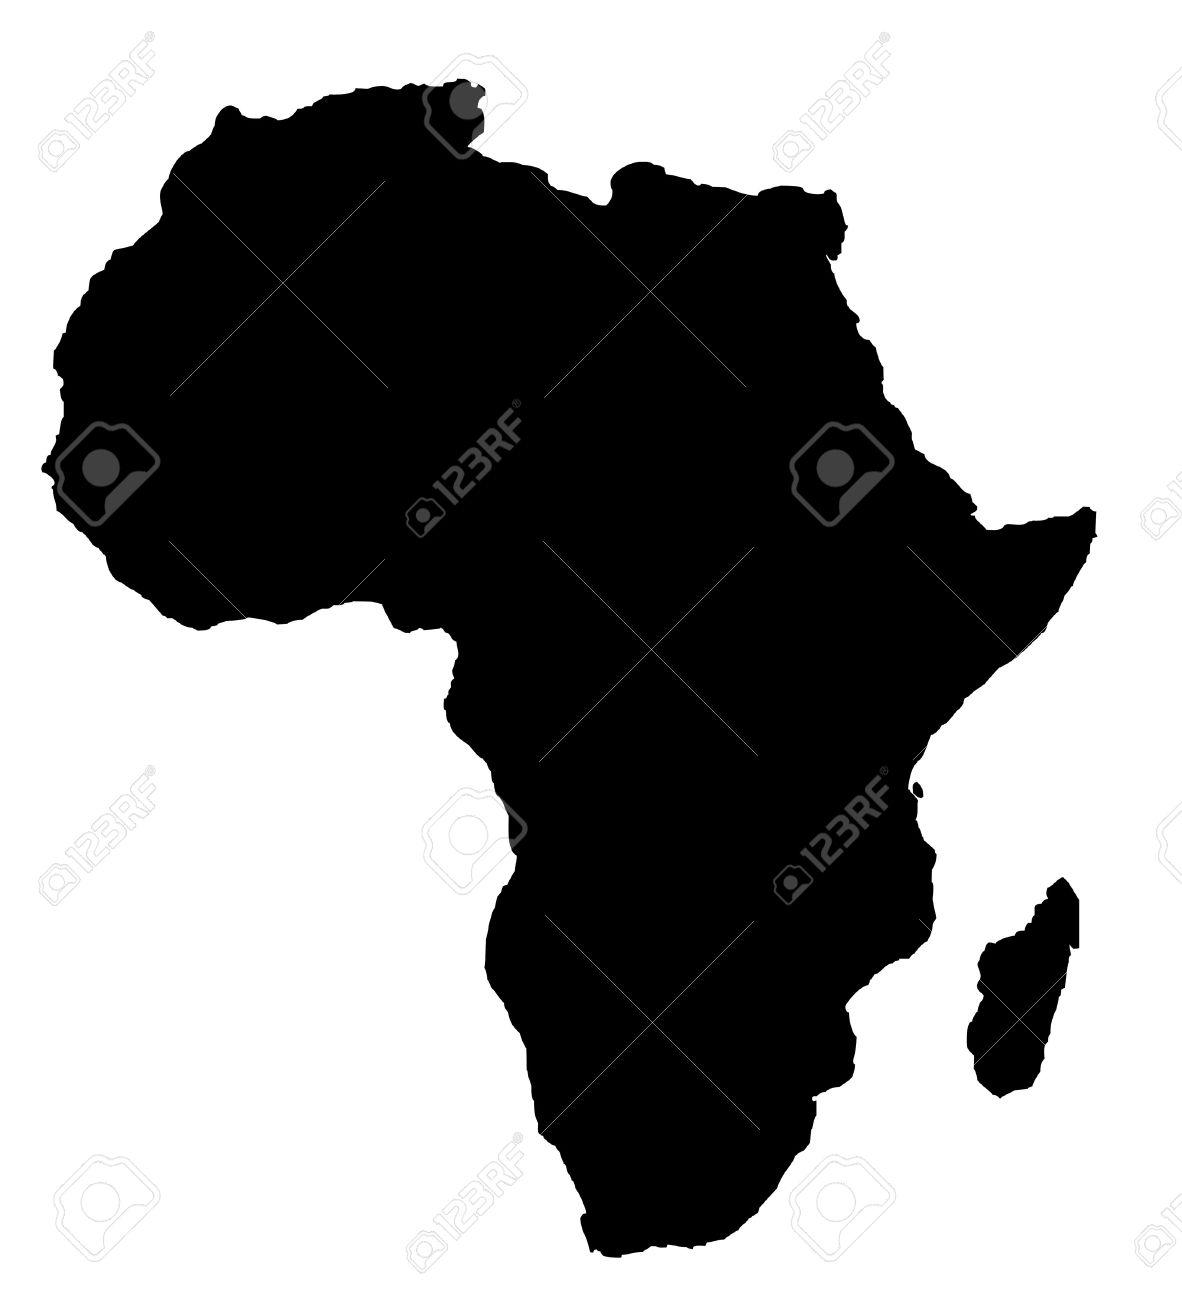 Carte De Lafrique Noir Et Blanc.Carte De L Afrique Continent Dans Le Noir Isole Sur Un Fond Blanc